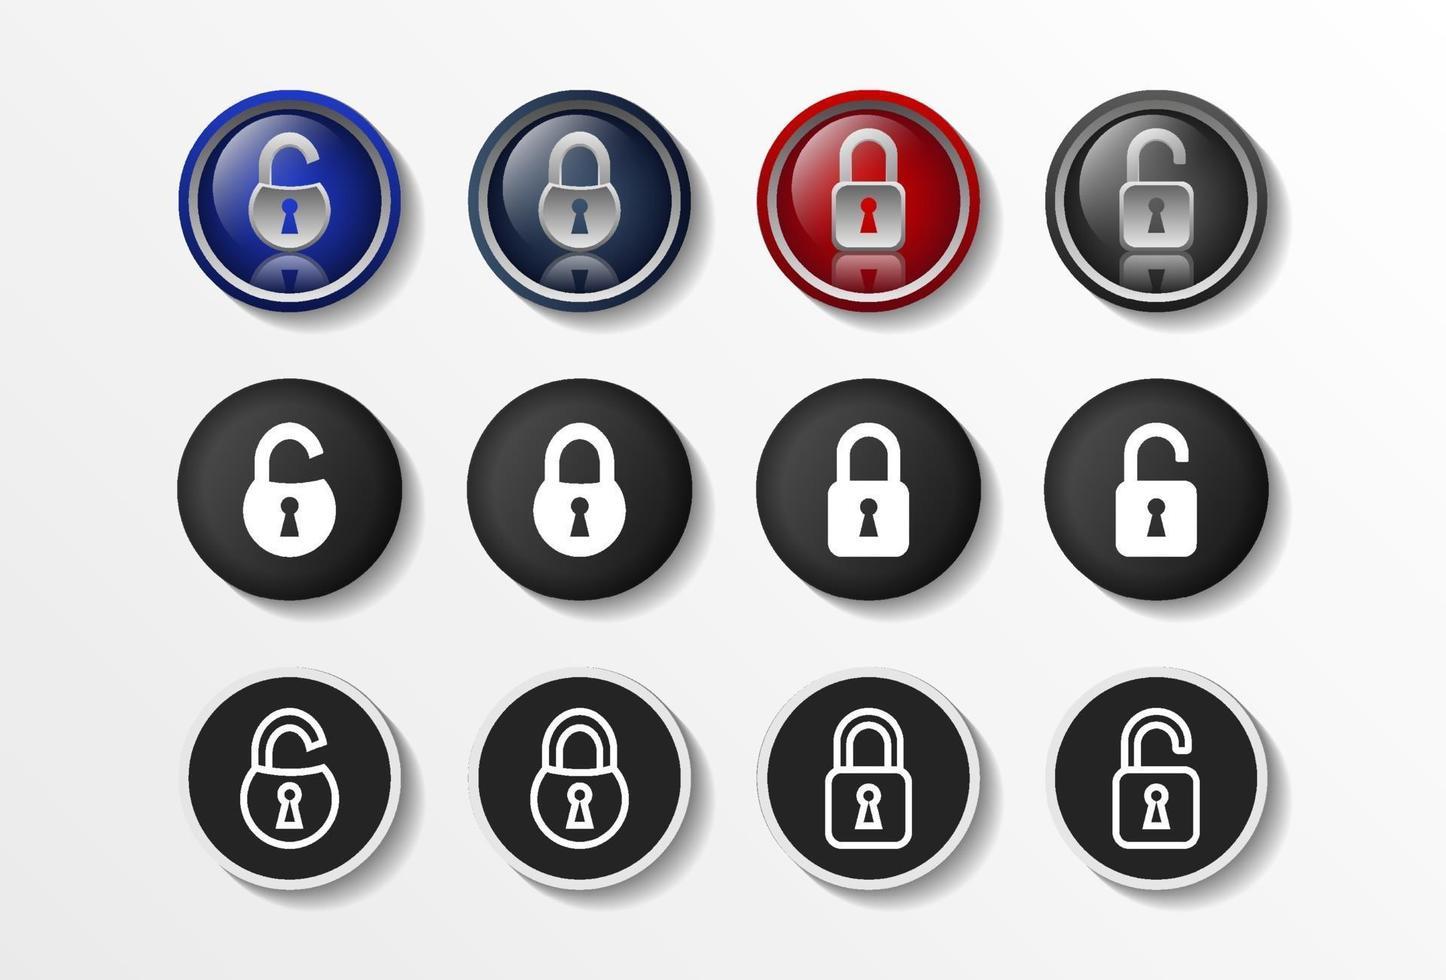 icônes de verrouillage définissent réaliste fermé et ouvert, illustration vectorielle de sécurité design plat en 4 options de couleurs pour la conception web et les applications mobiles. illustration vectorielle. vecteur